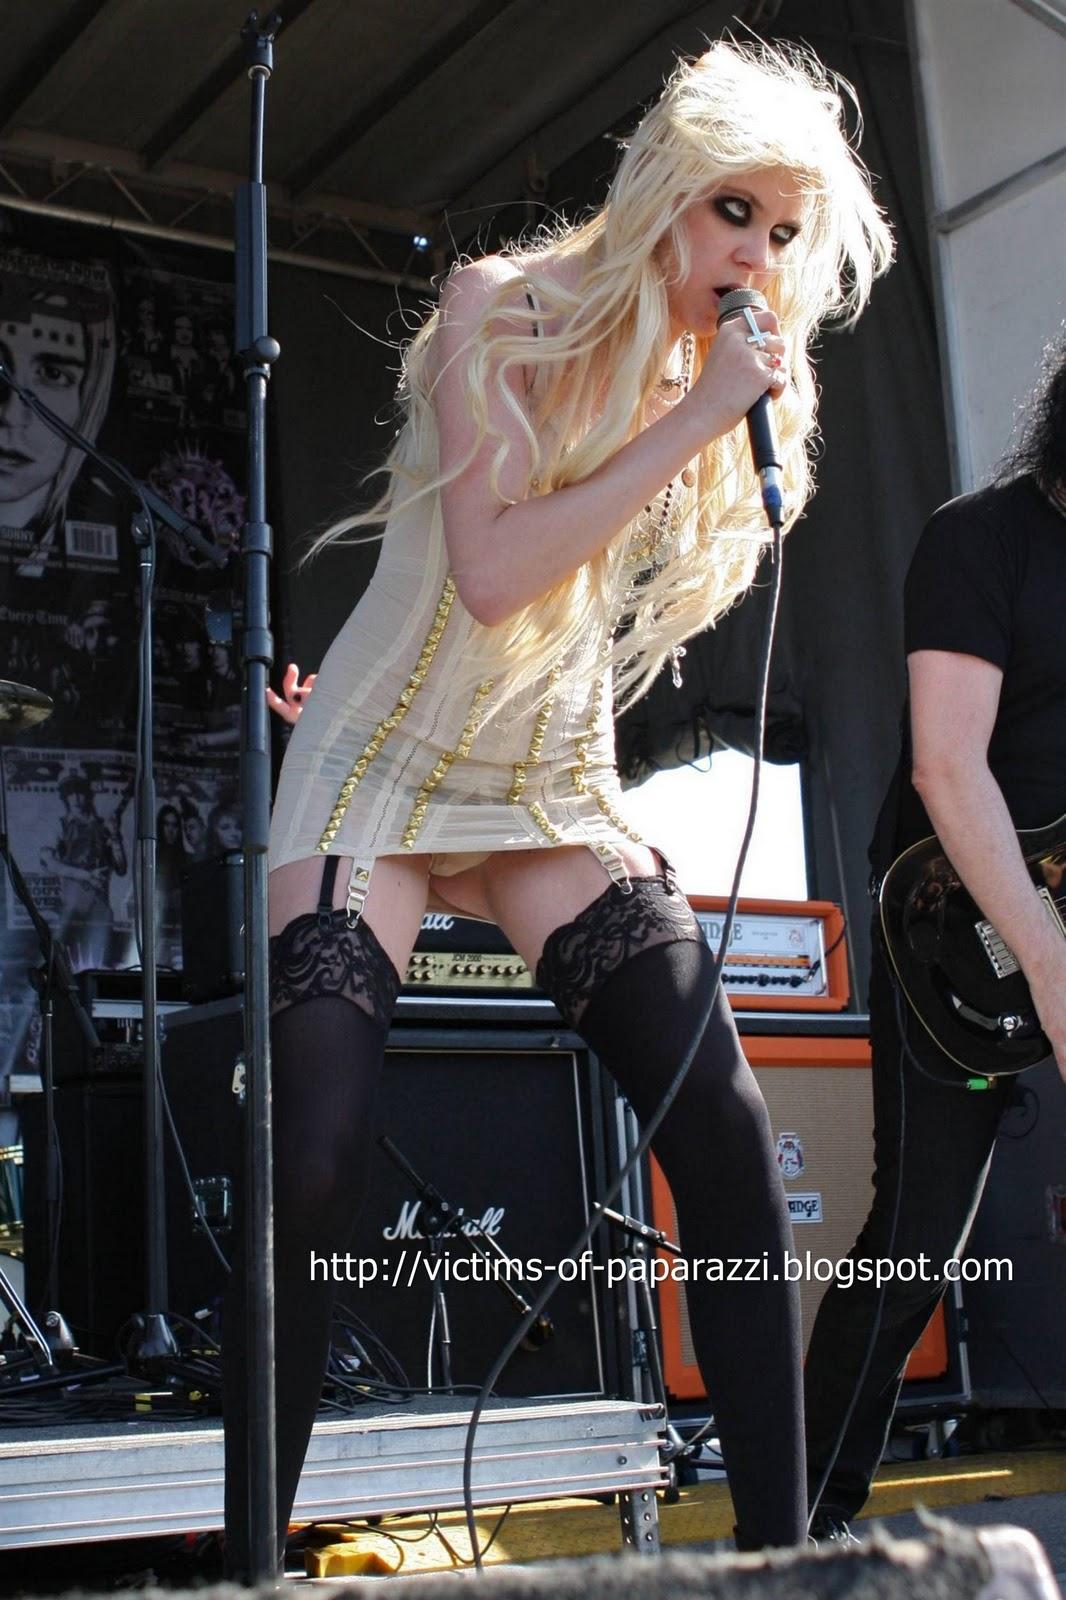 http://4.bp.blogspot.com/_NFcDSk31Yq8/TM-NZRq8D-I/AAAAAAAAASc/if5opXZ2LnA/s1600/Taylor+Momsen+hot+pic.jpg